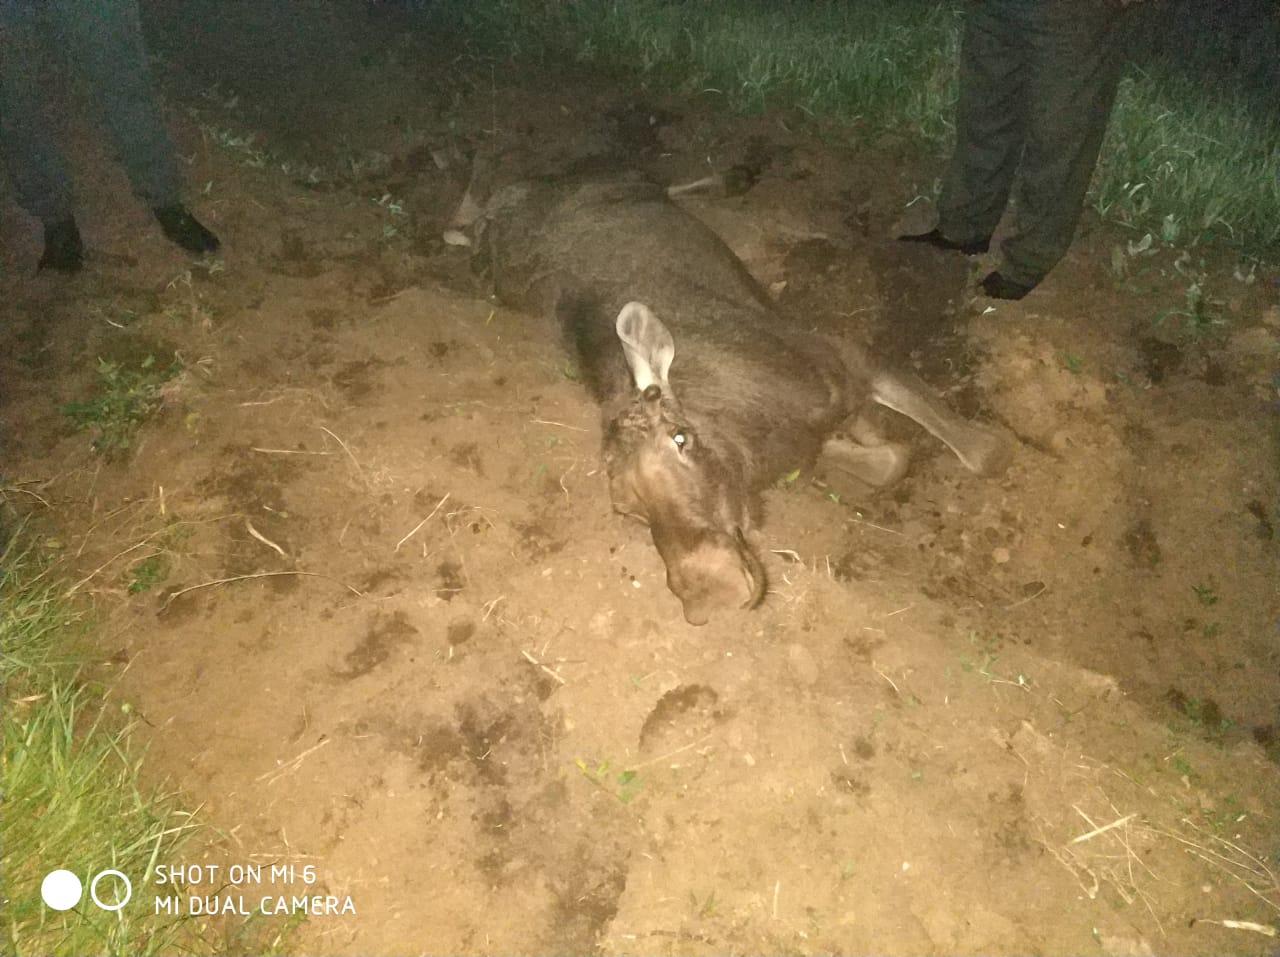 В Башкирии автомобиль сбил лося